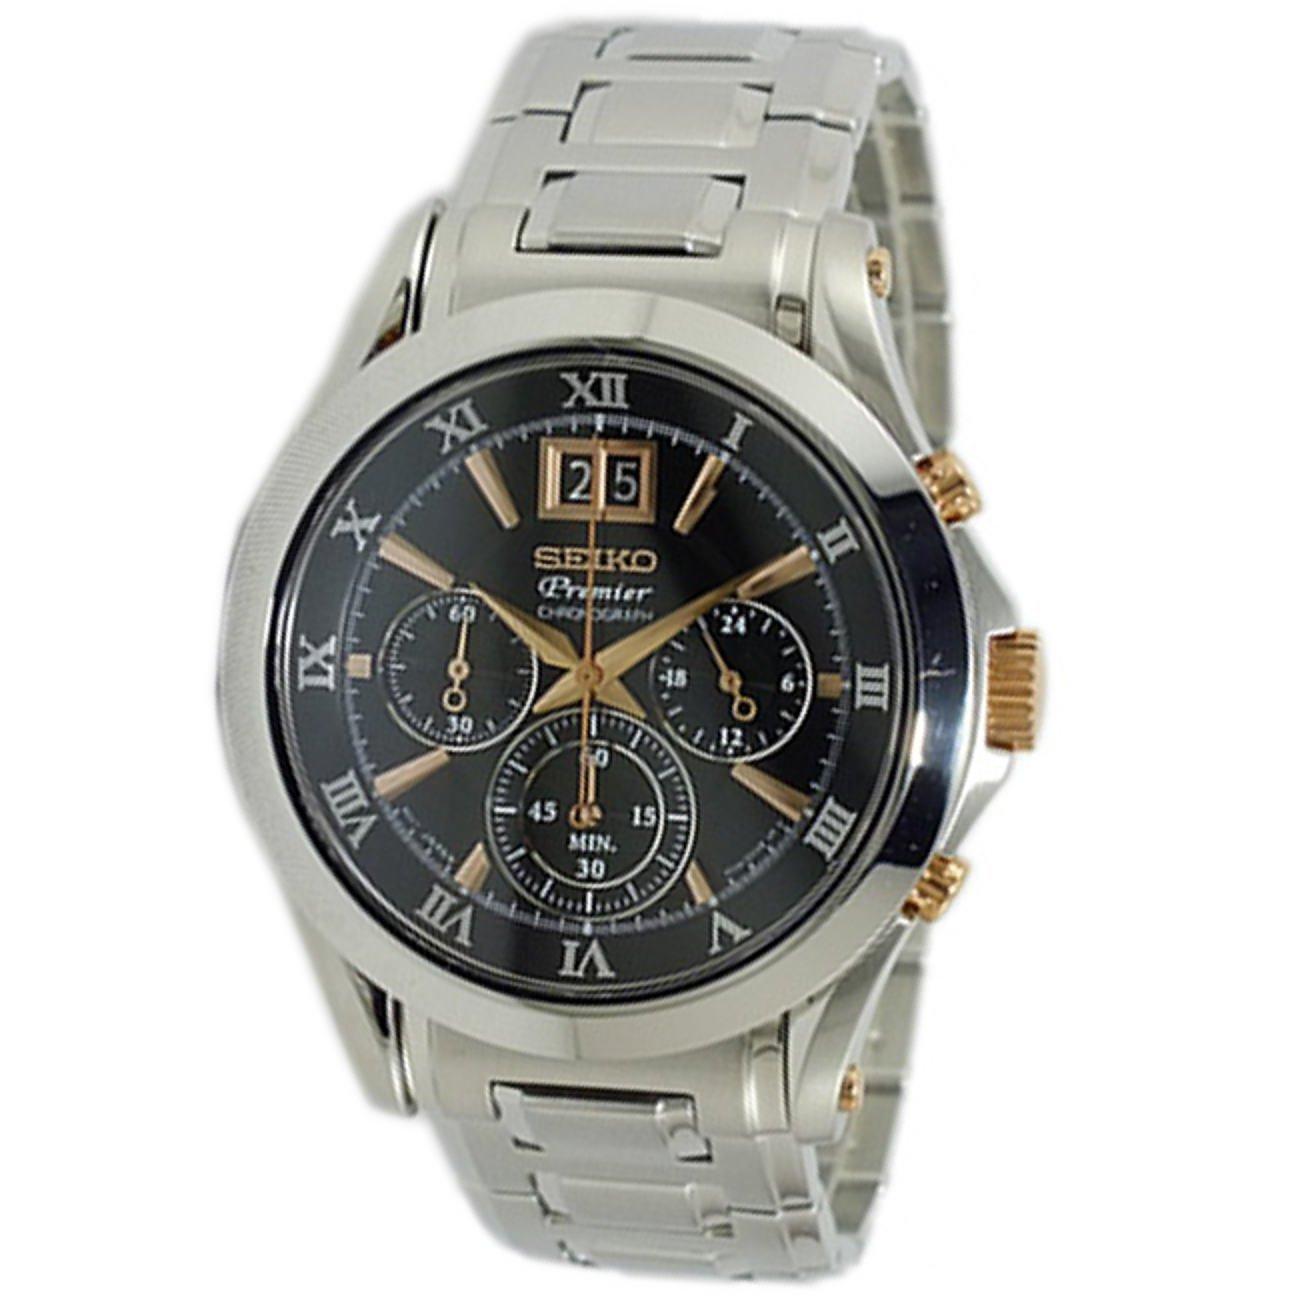 [セイコー] SEIKO 腕時計 クロノグラフ プレミア SPC064P1 メンズ [並行輸入品] B00ARR2IAG